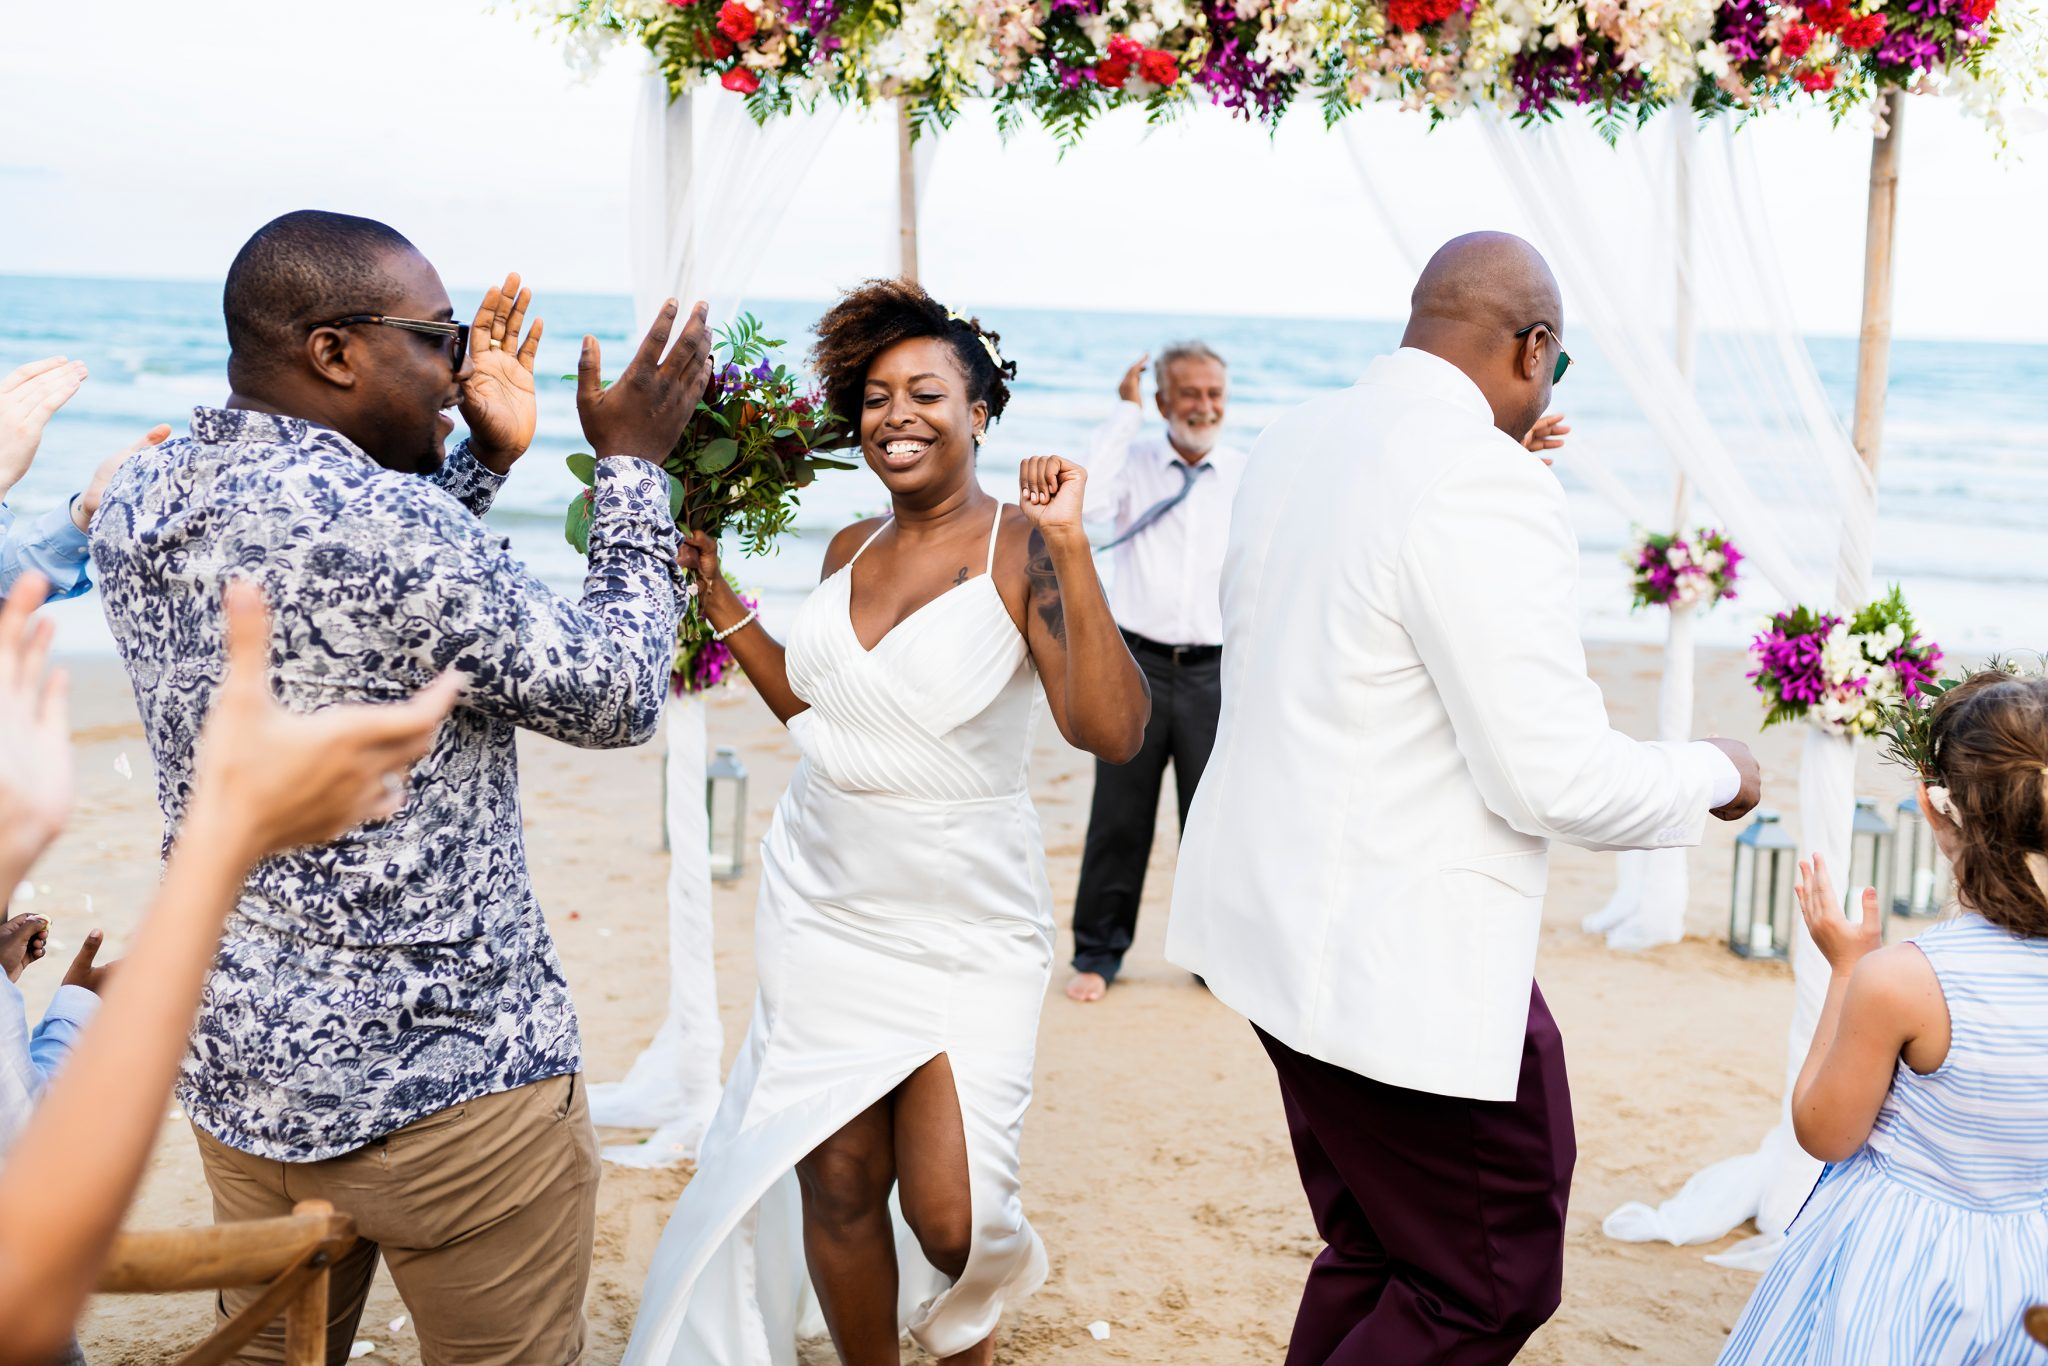 bride-groom-dancing-flowers-beach